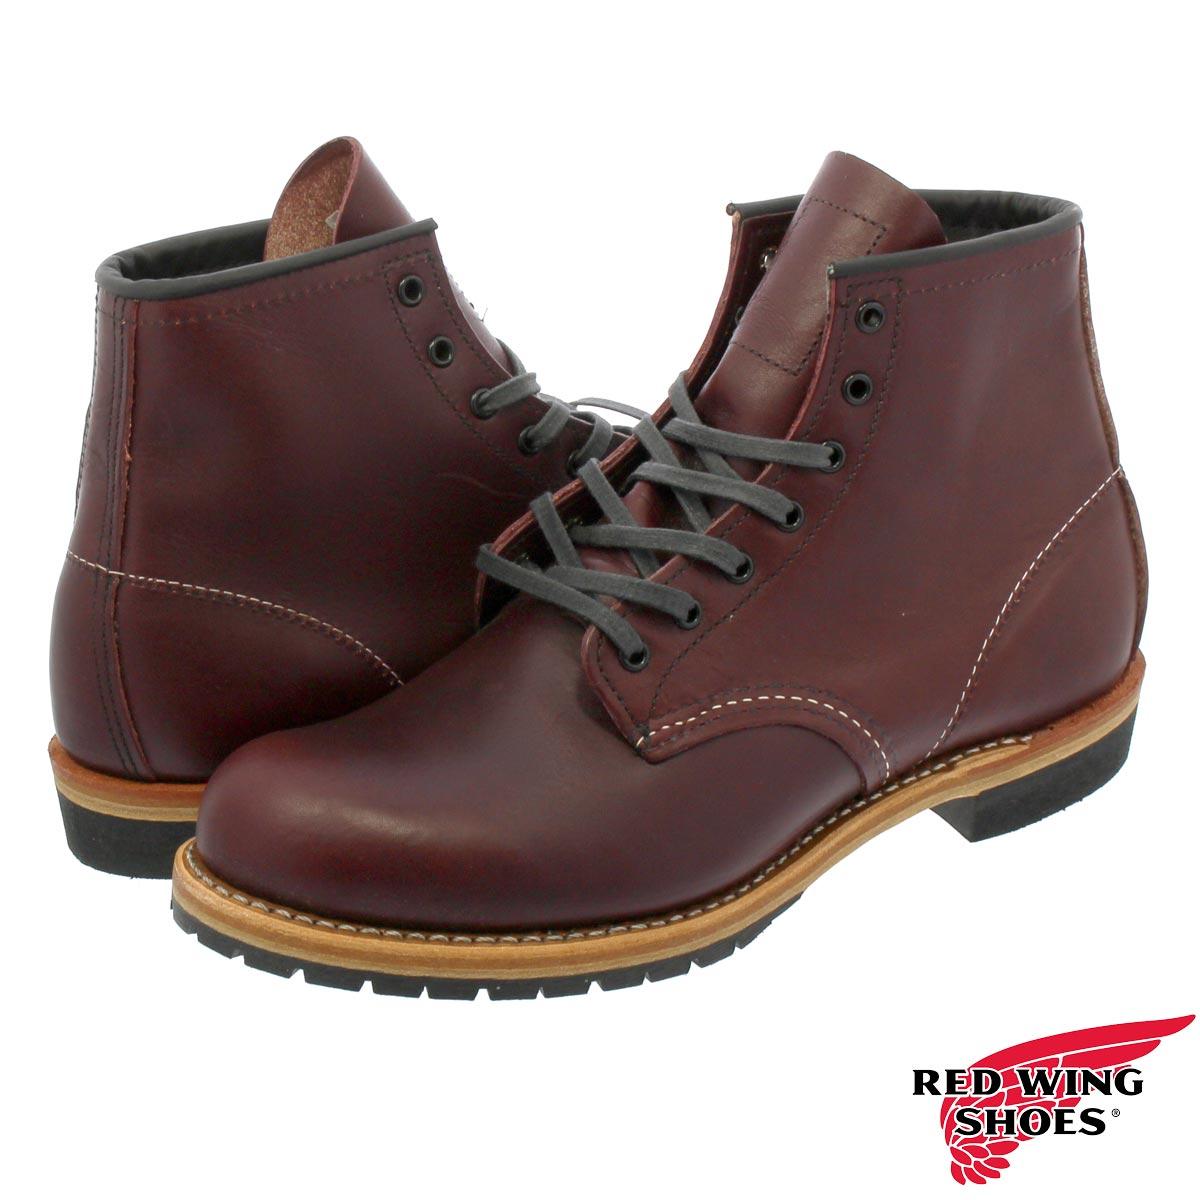 【ビッグ・スモールサイズ】 RED WING 9011 BECKMAN BOOT レッドウイング ベックマン ブーツ BLACKCHERRY